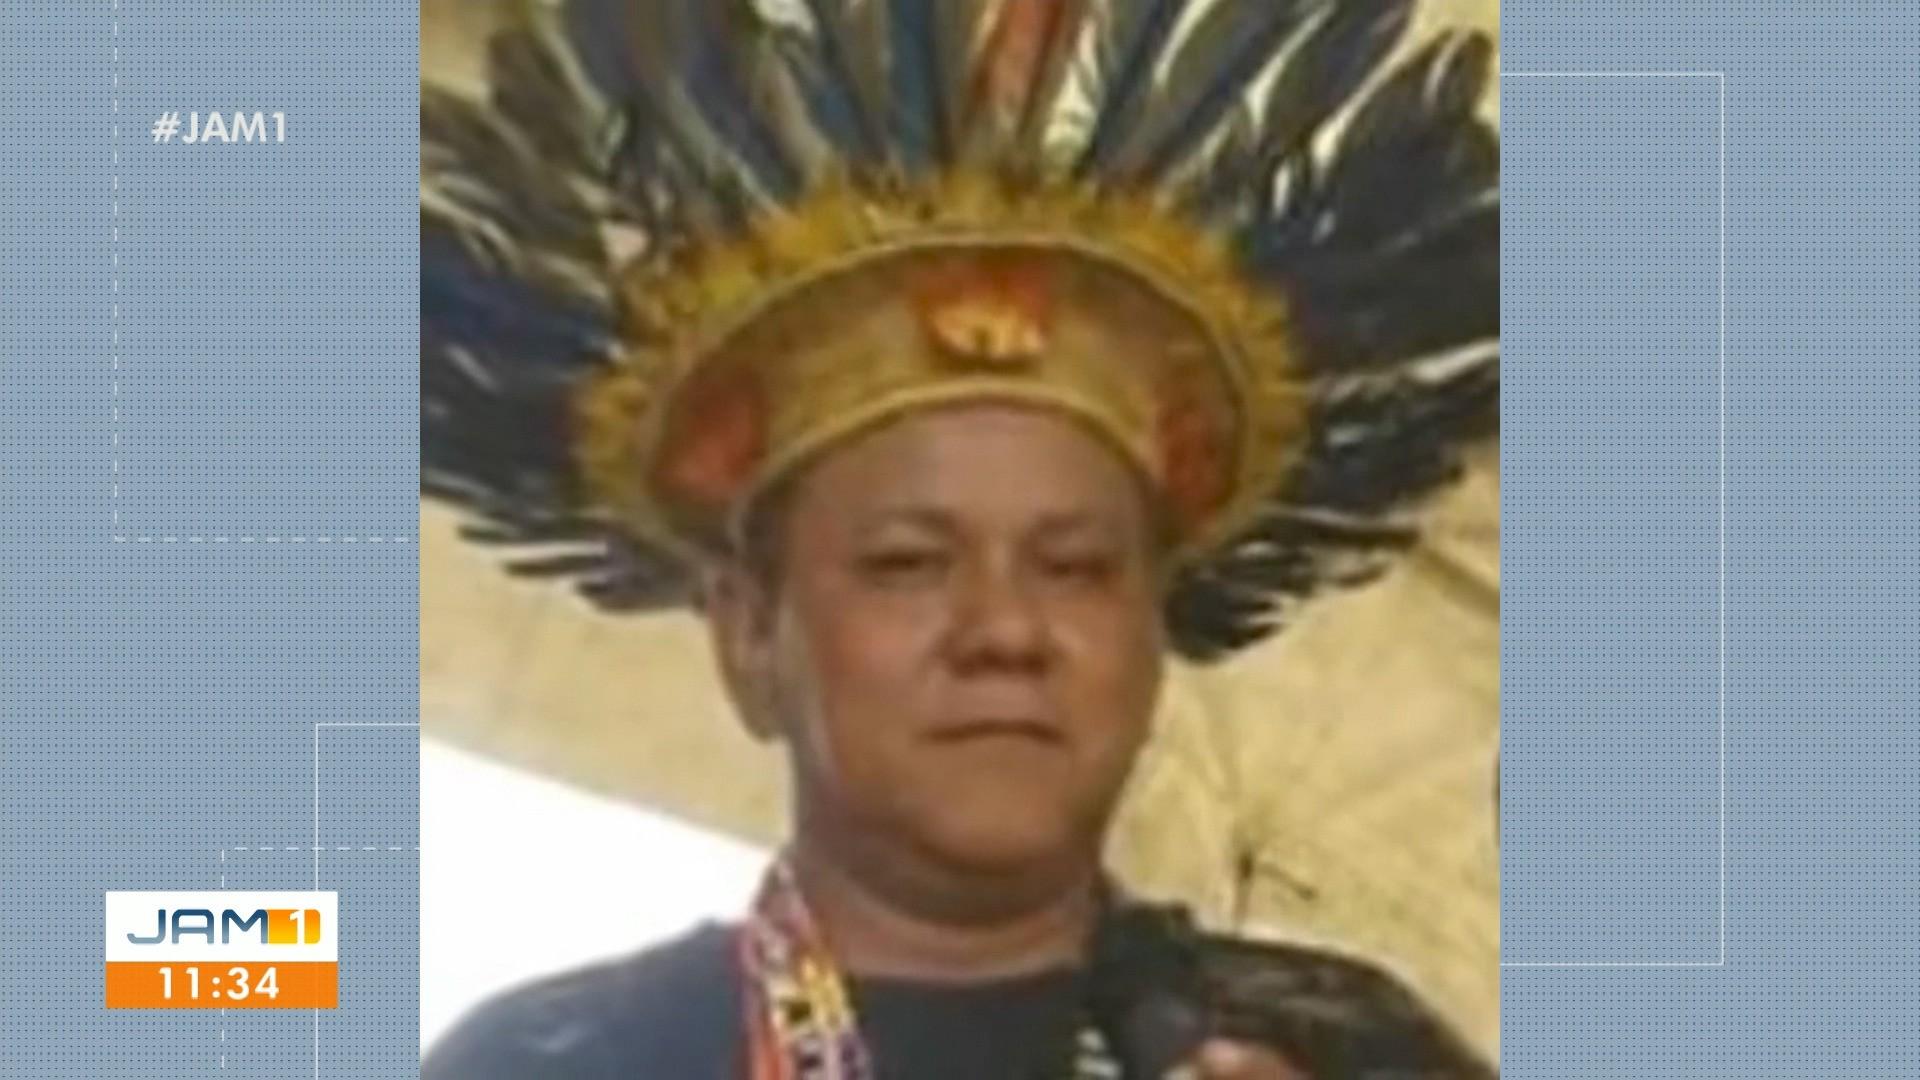 VÍDEOS: Índios em Manaus relatam drama para combater Covid-19; veja outros destaques do JAM 1